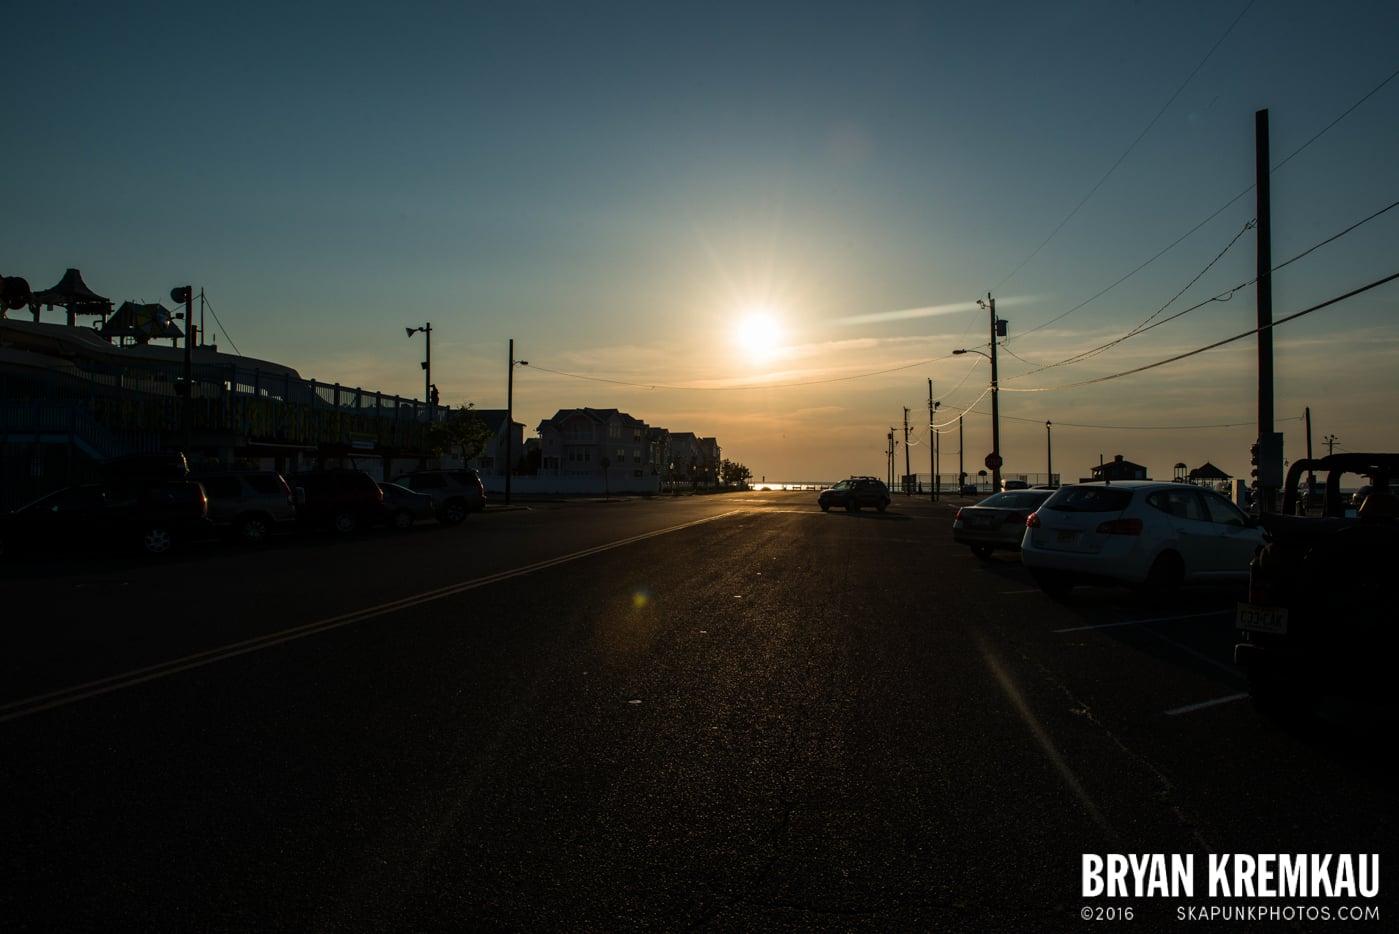 Beach Haven, Long Beach Island, NJ - 6.16.14 - 6.18.14 (92)